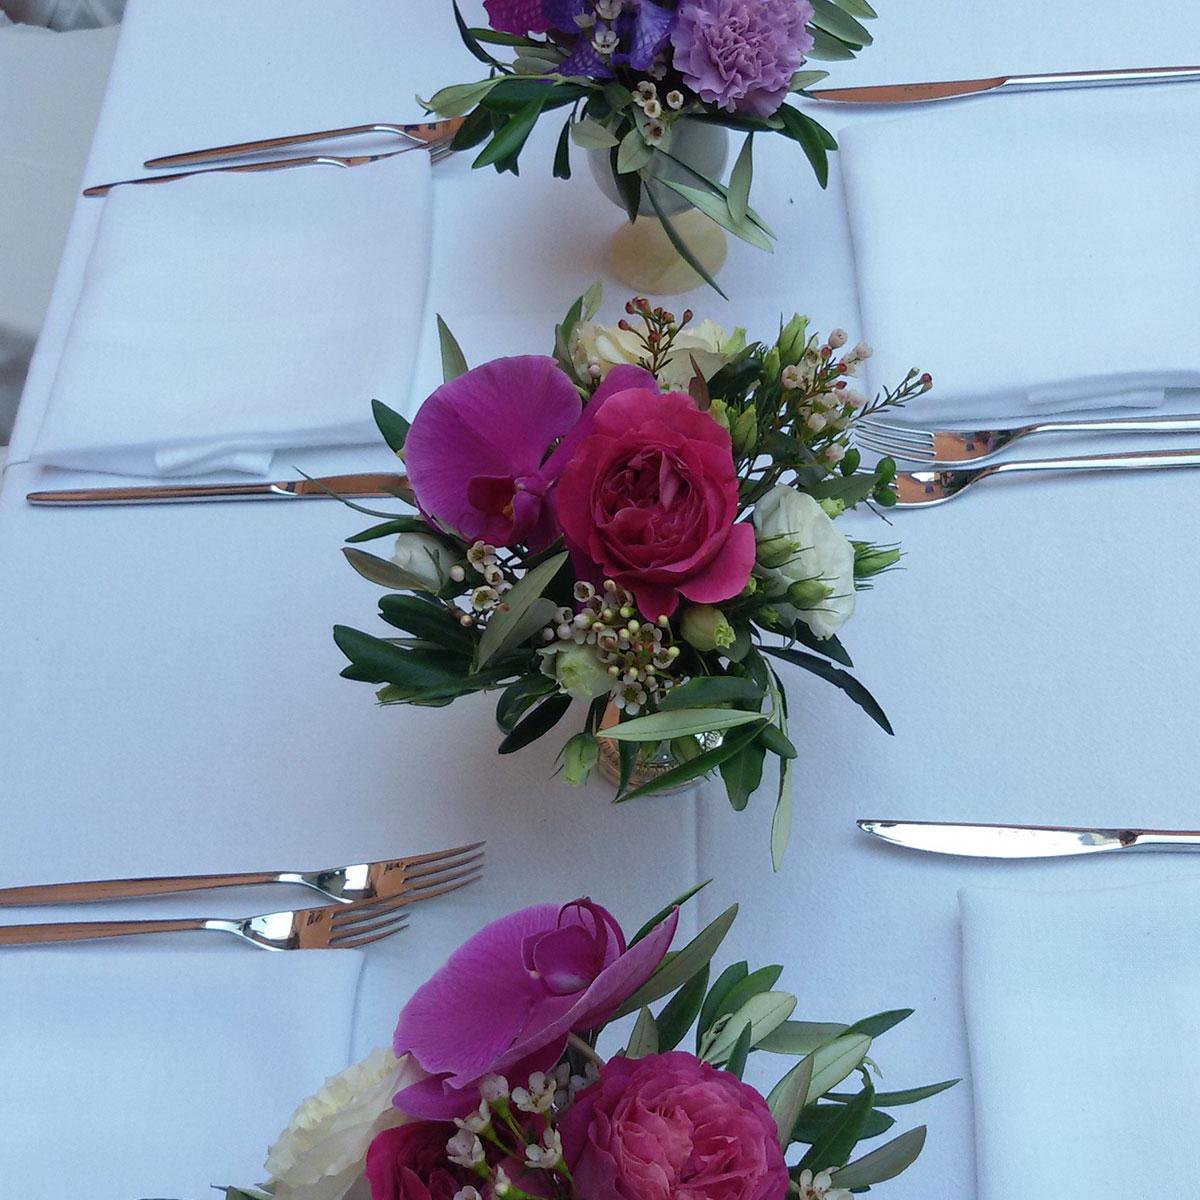 Centrotavola con fiori | Negriricevimenti.com